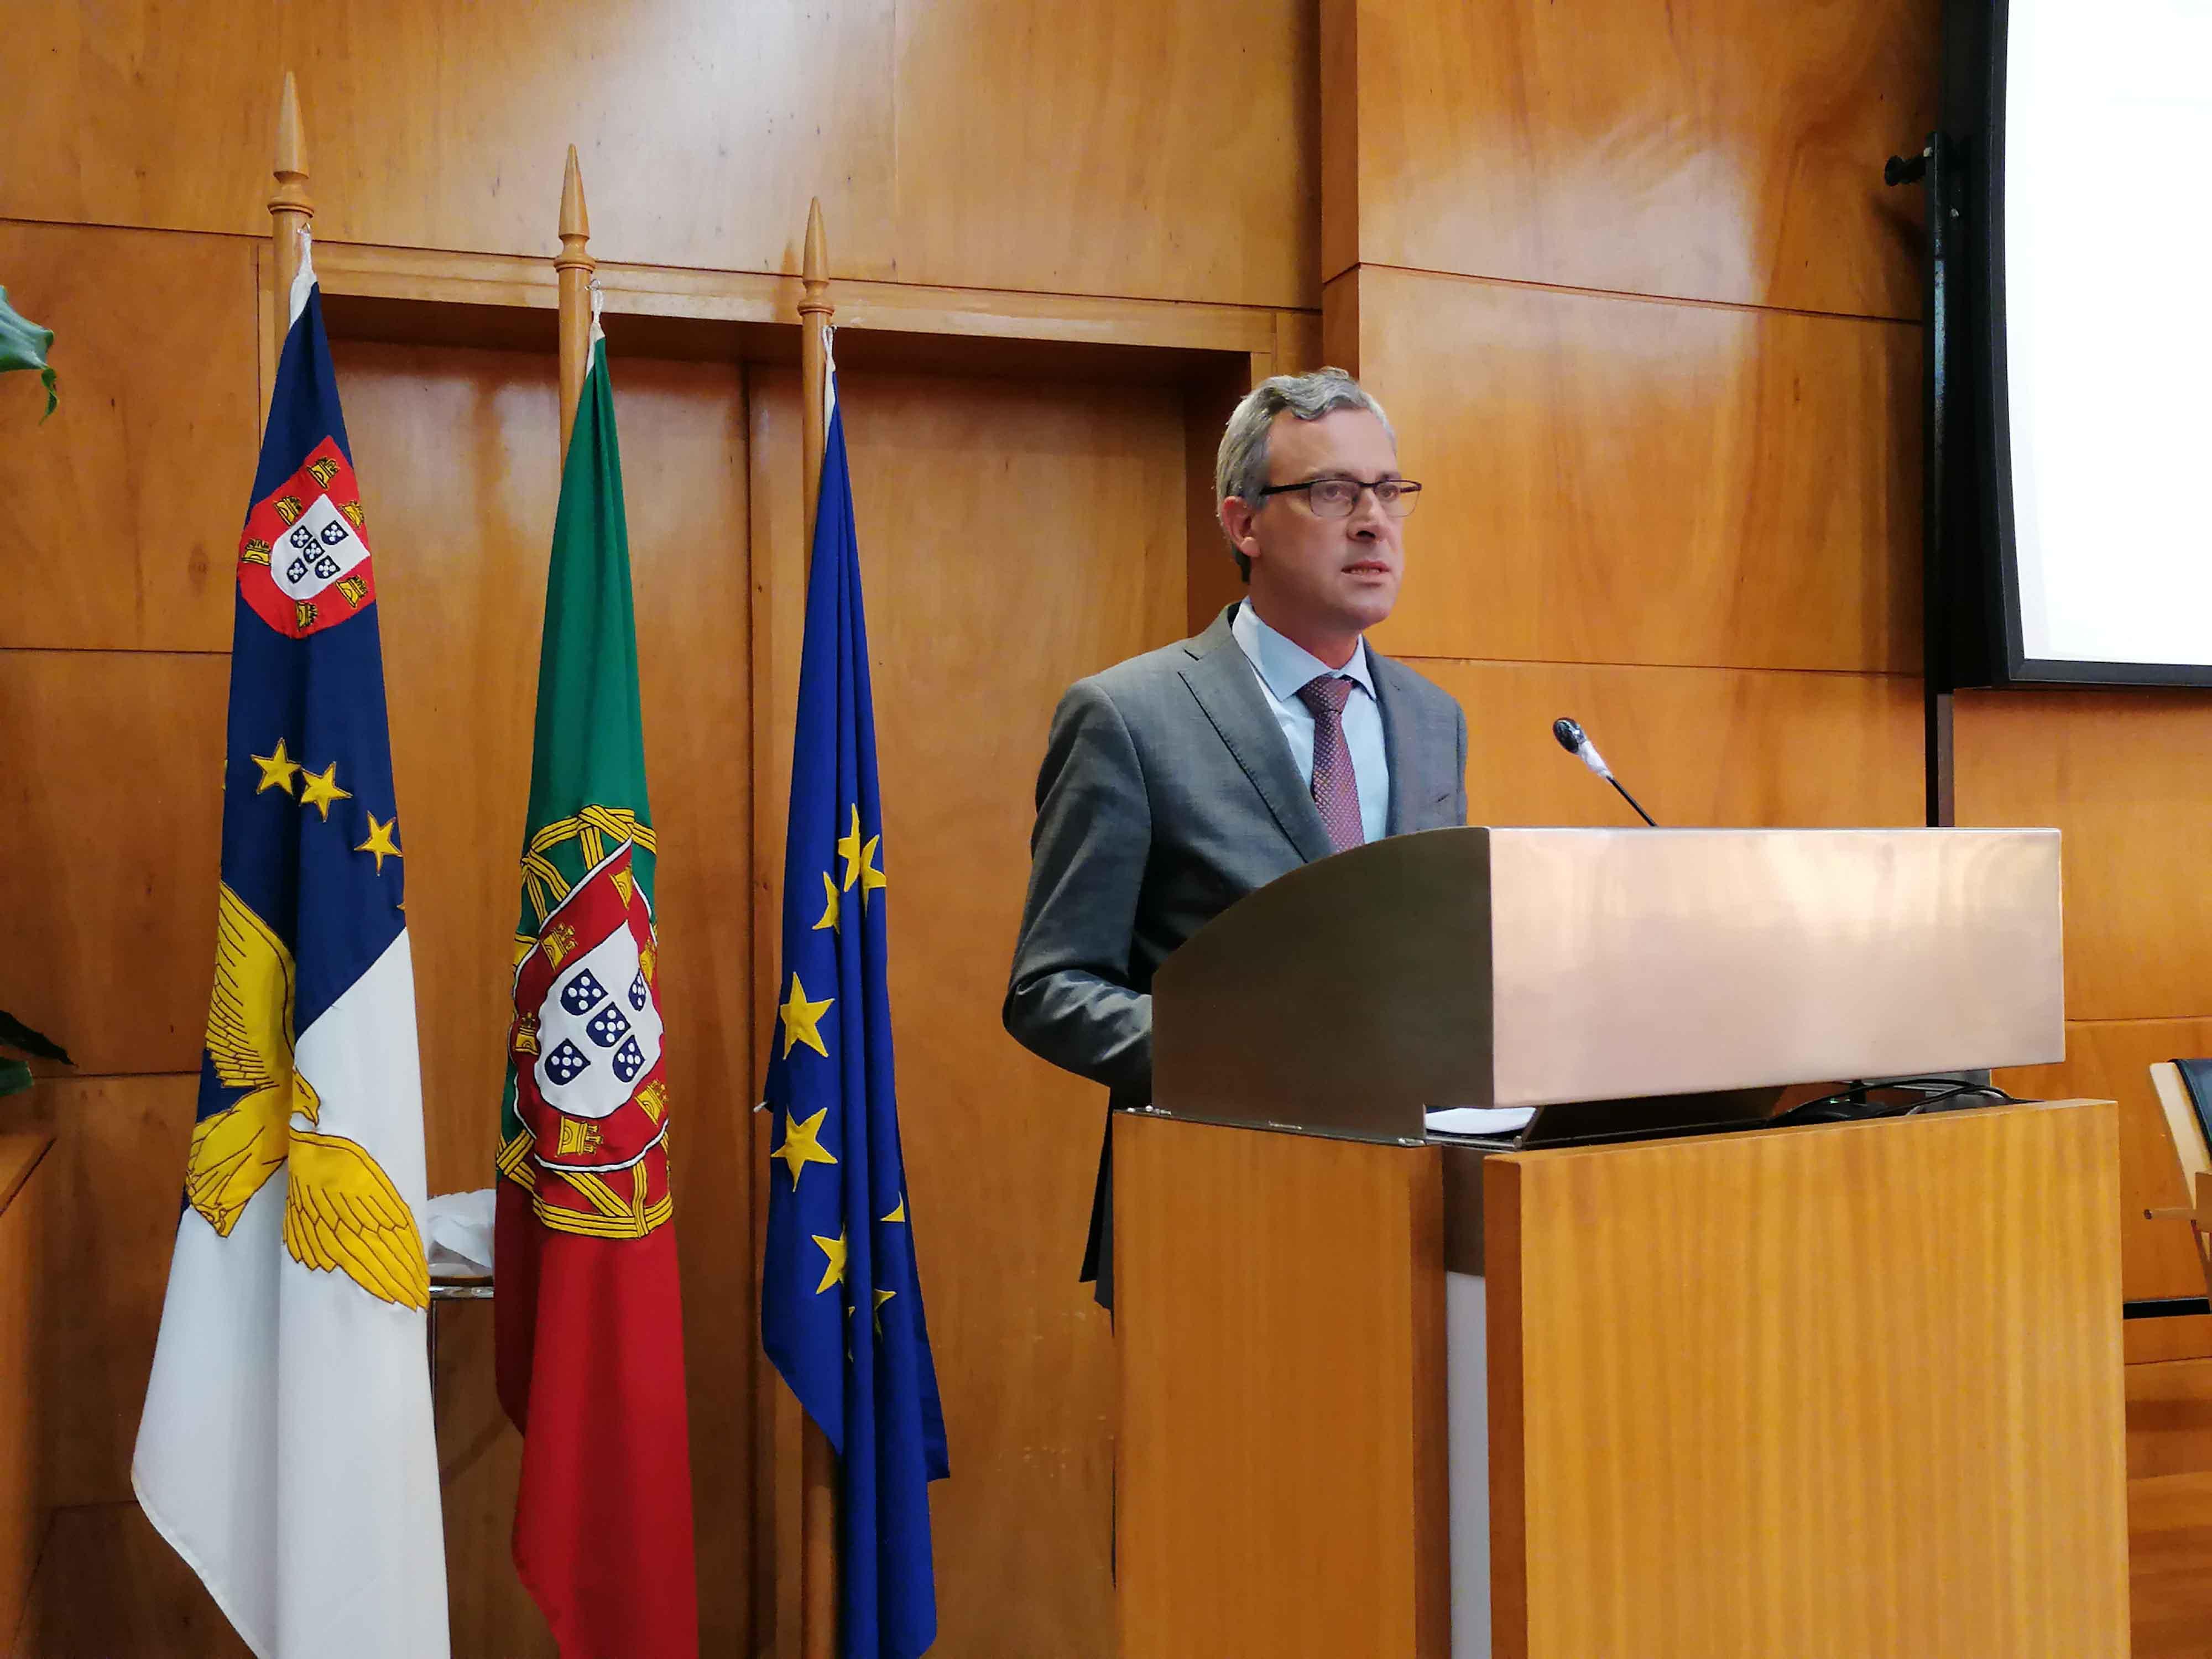 Governo dos Açores investiu mais de quatro milhões de euros em 65 bolsas de investigação científica